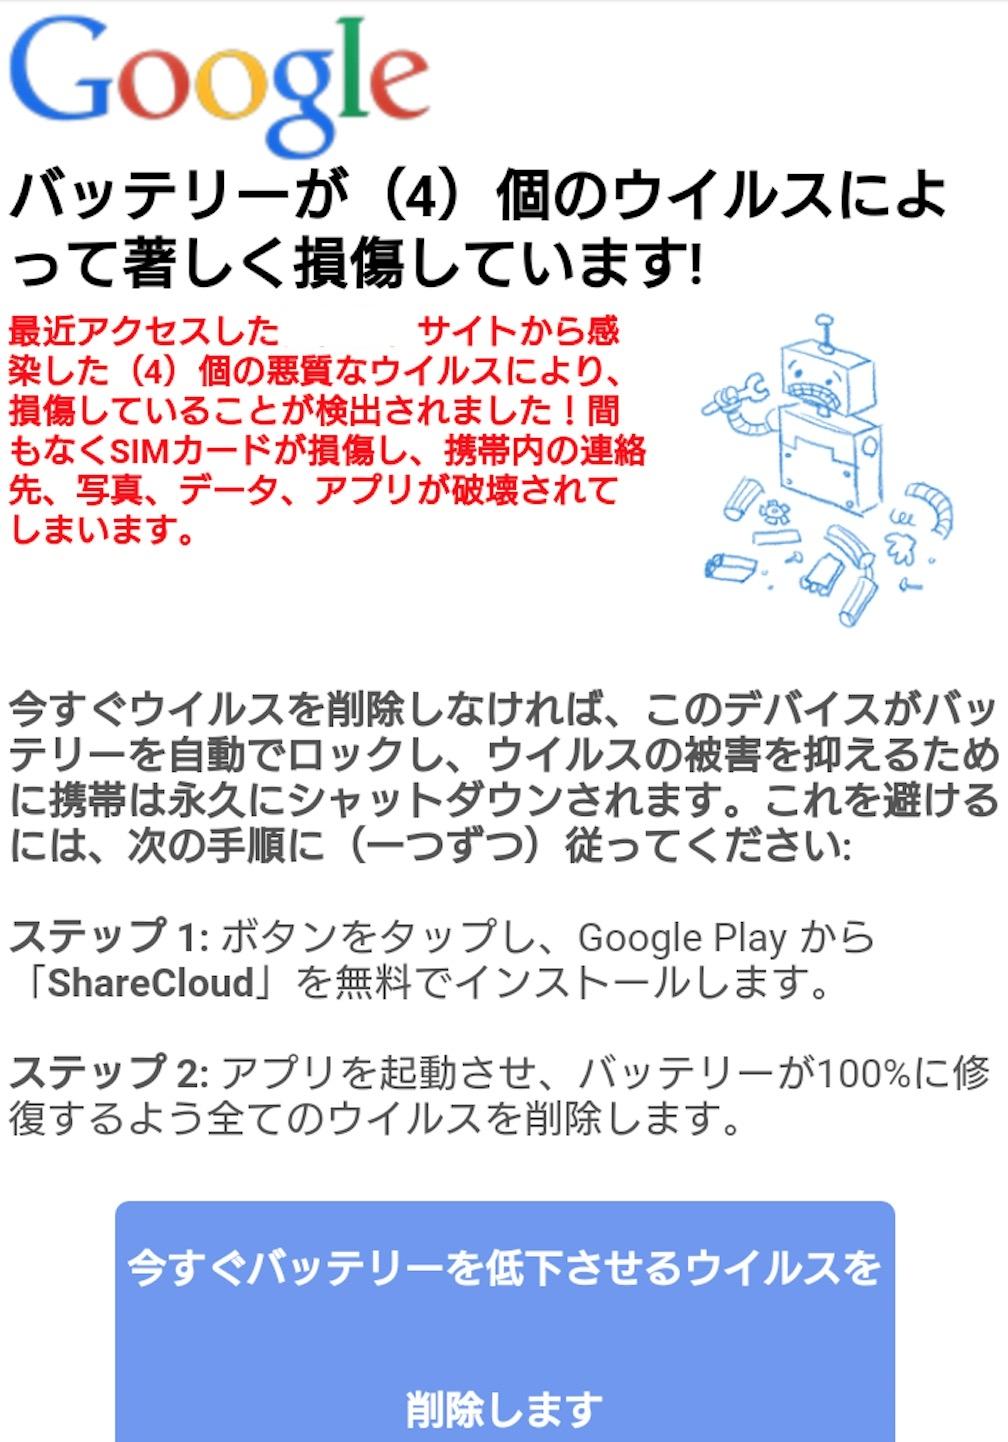 スクリーンショット 2016-04-03 20.04.09